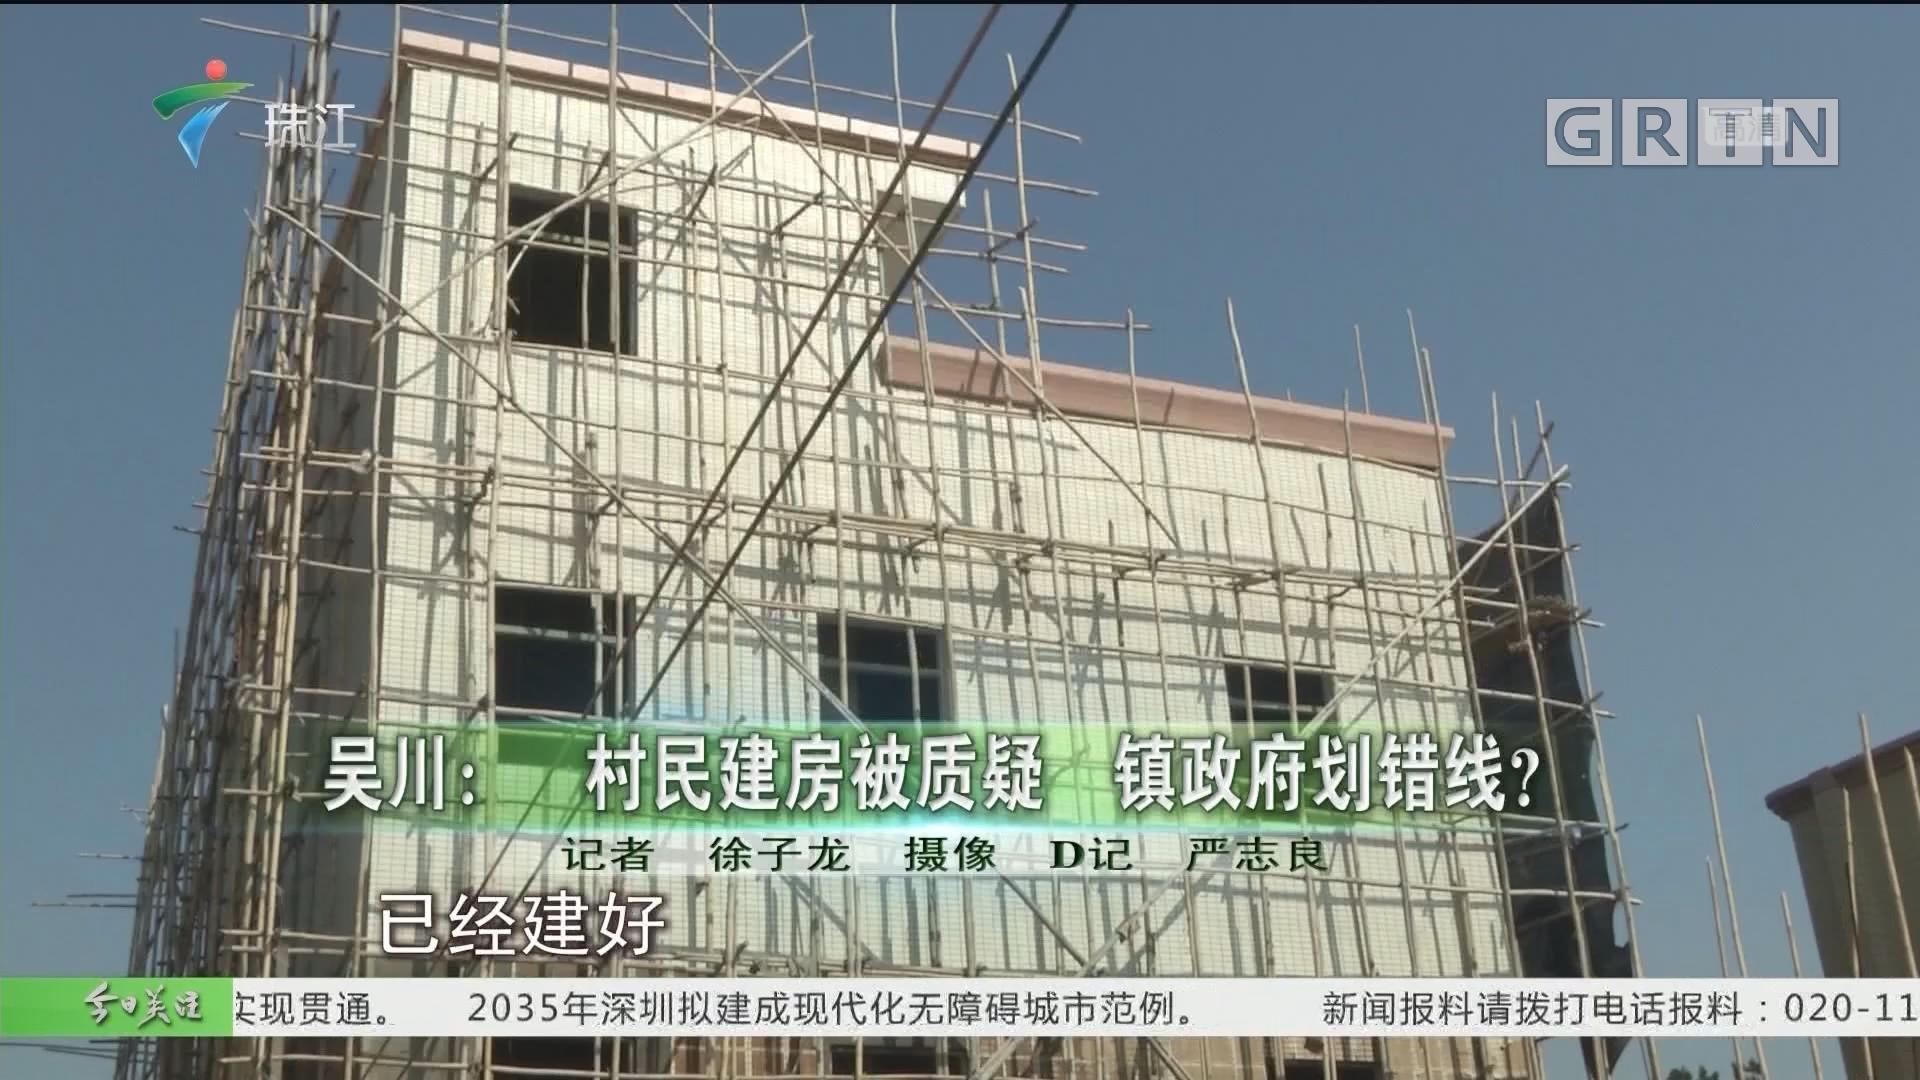 吴川:村民建房被质疑 镇政府划错线?